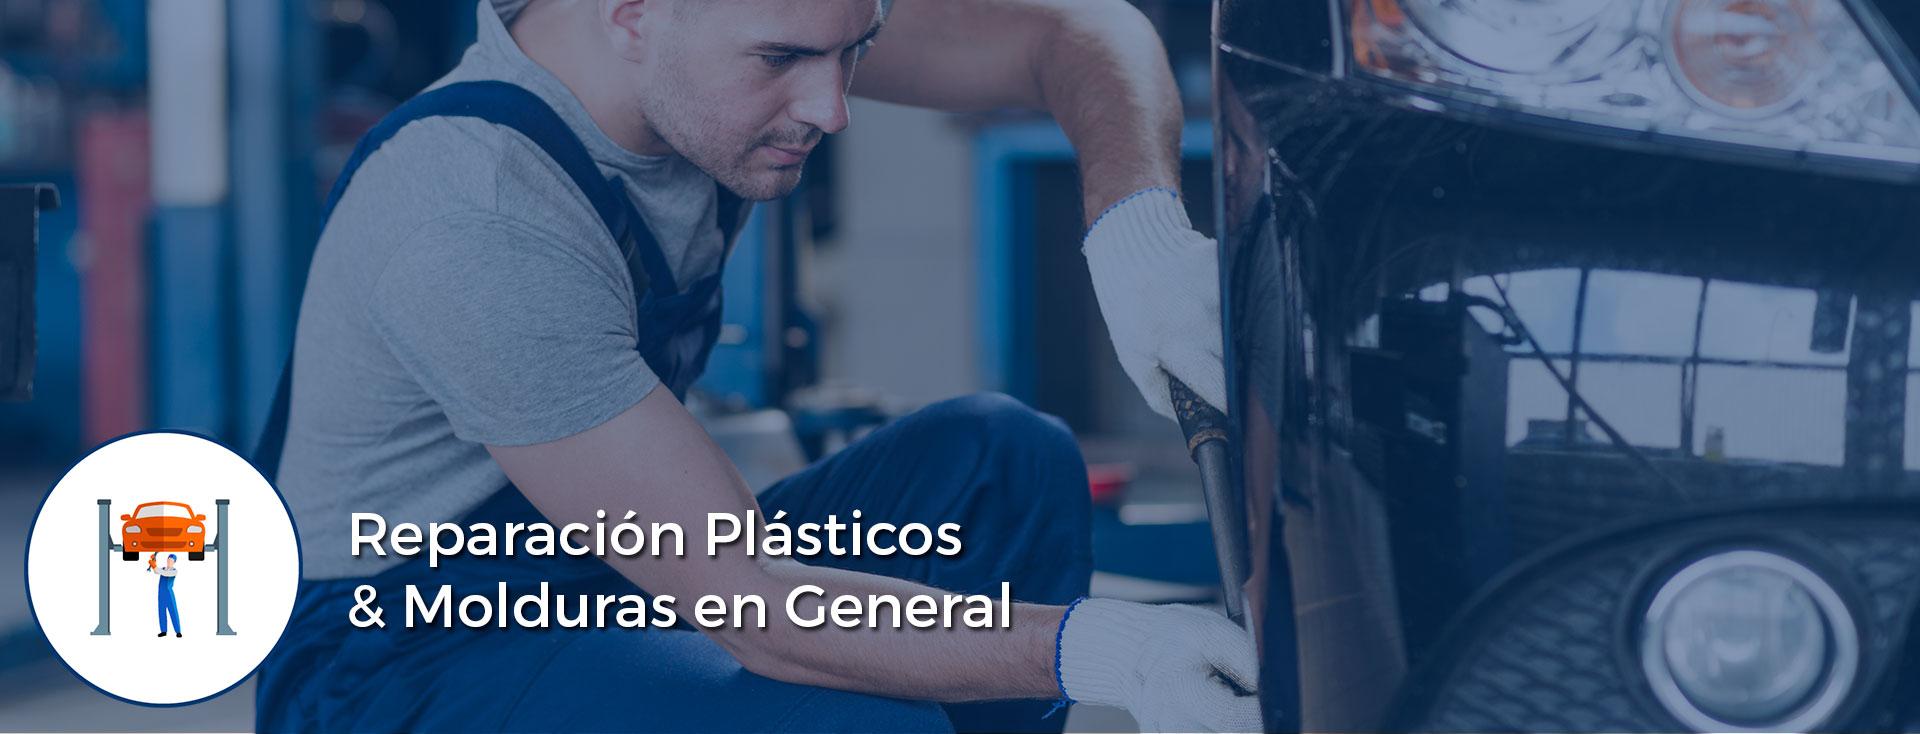 Reparación de Plásticos & Molduras